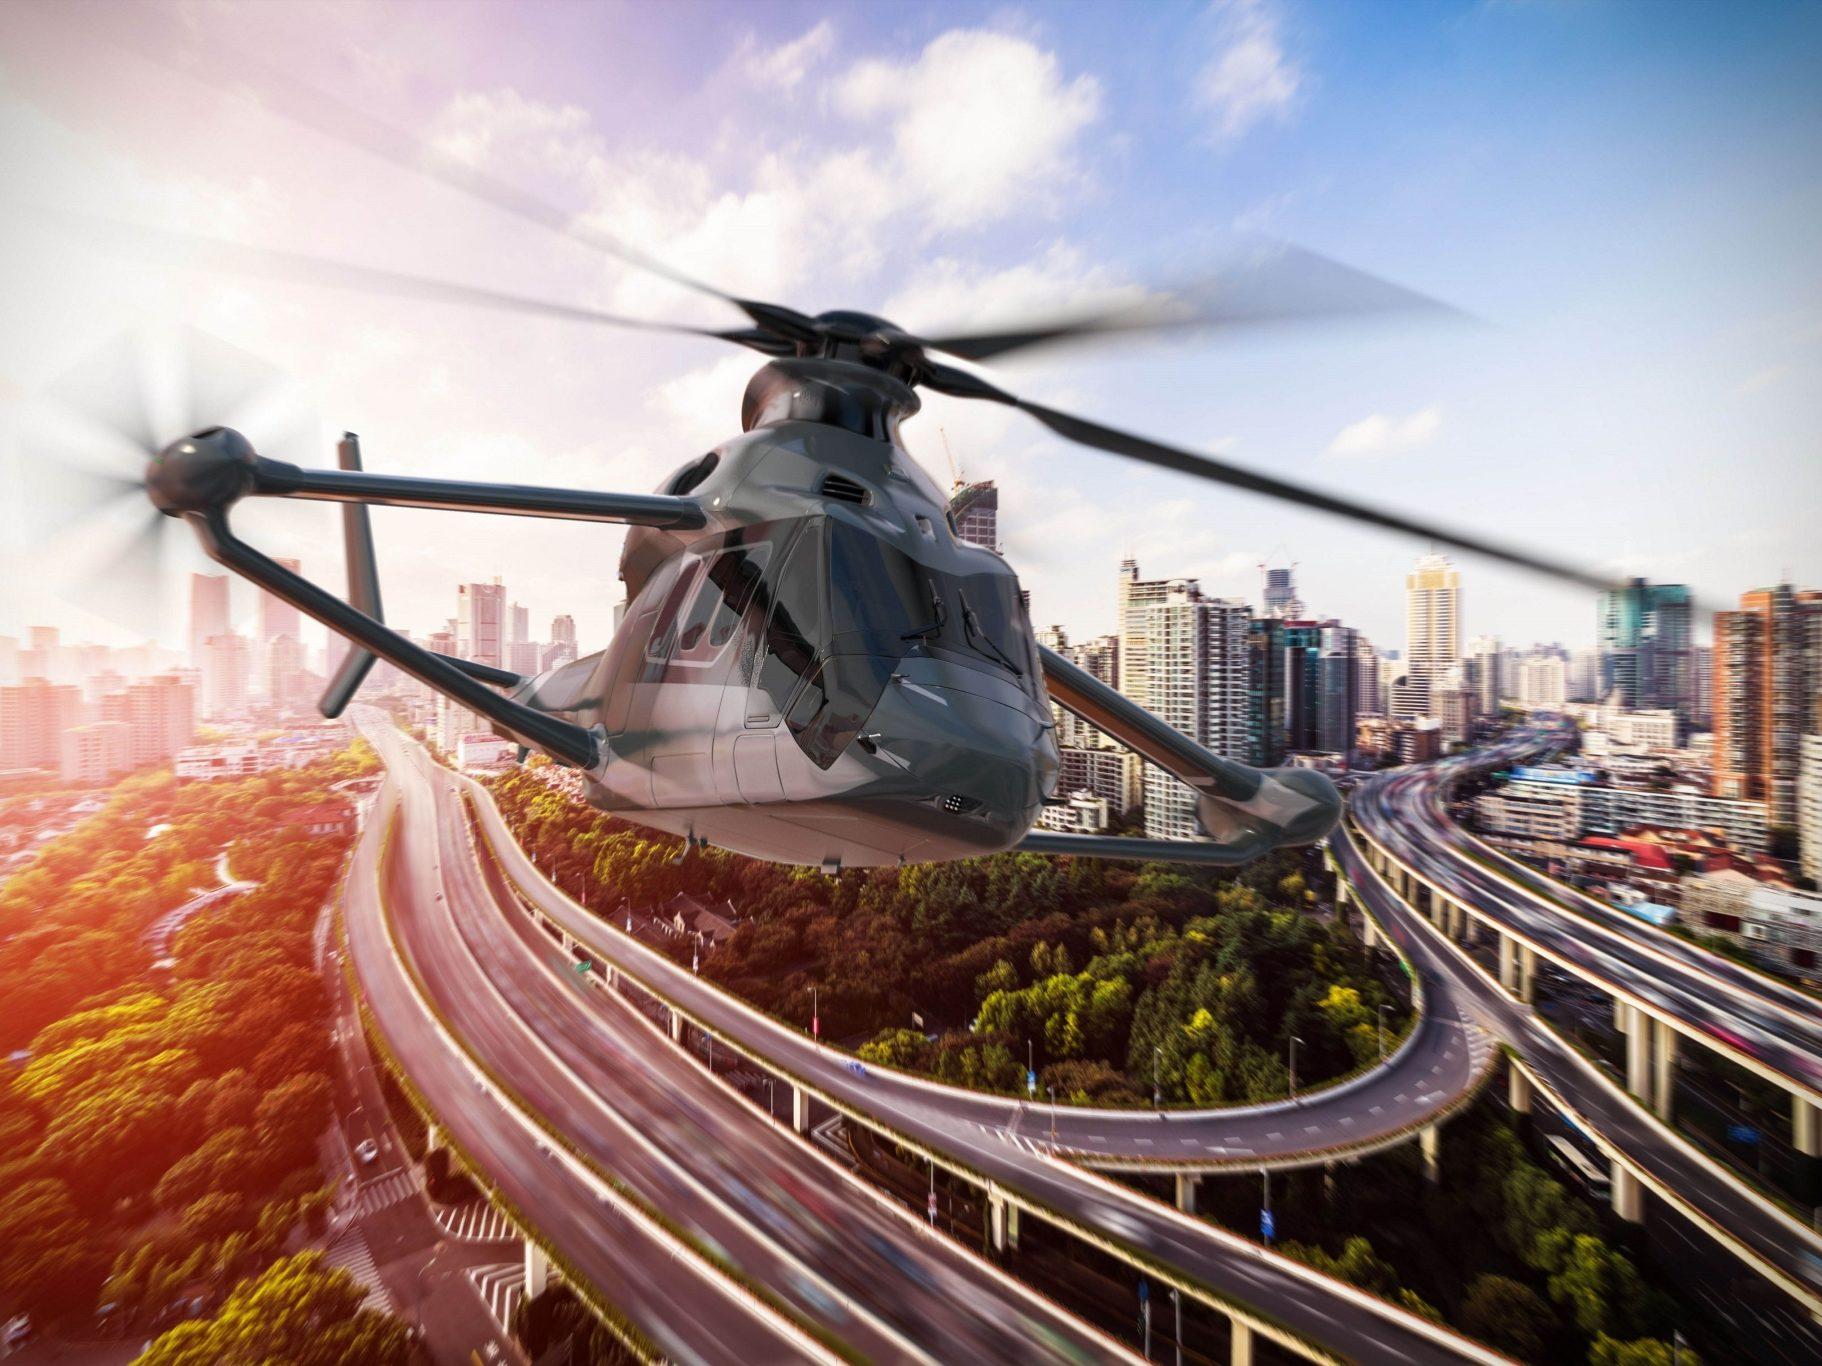 Le RACER d'Airbus, le futur multirole pour le transport des greffons, des blesses et des patients que la garde médicale aérienne française souhaite opérer